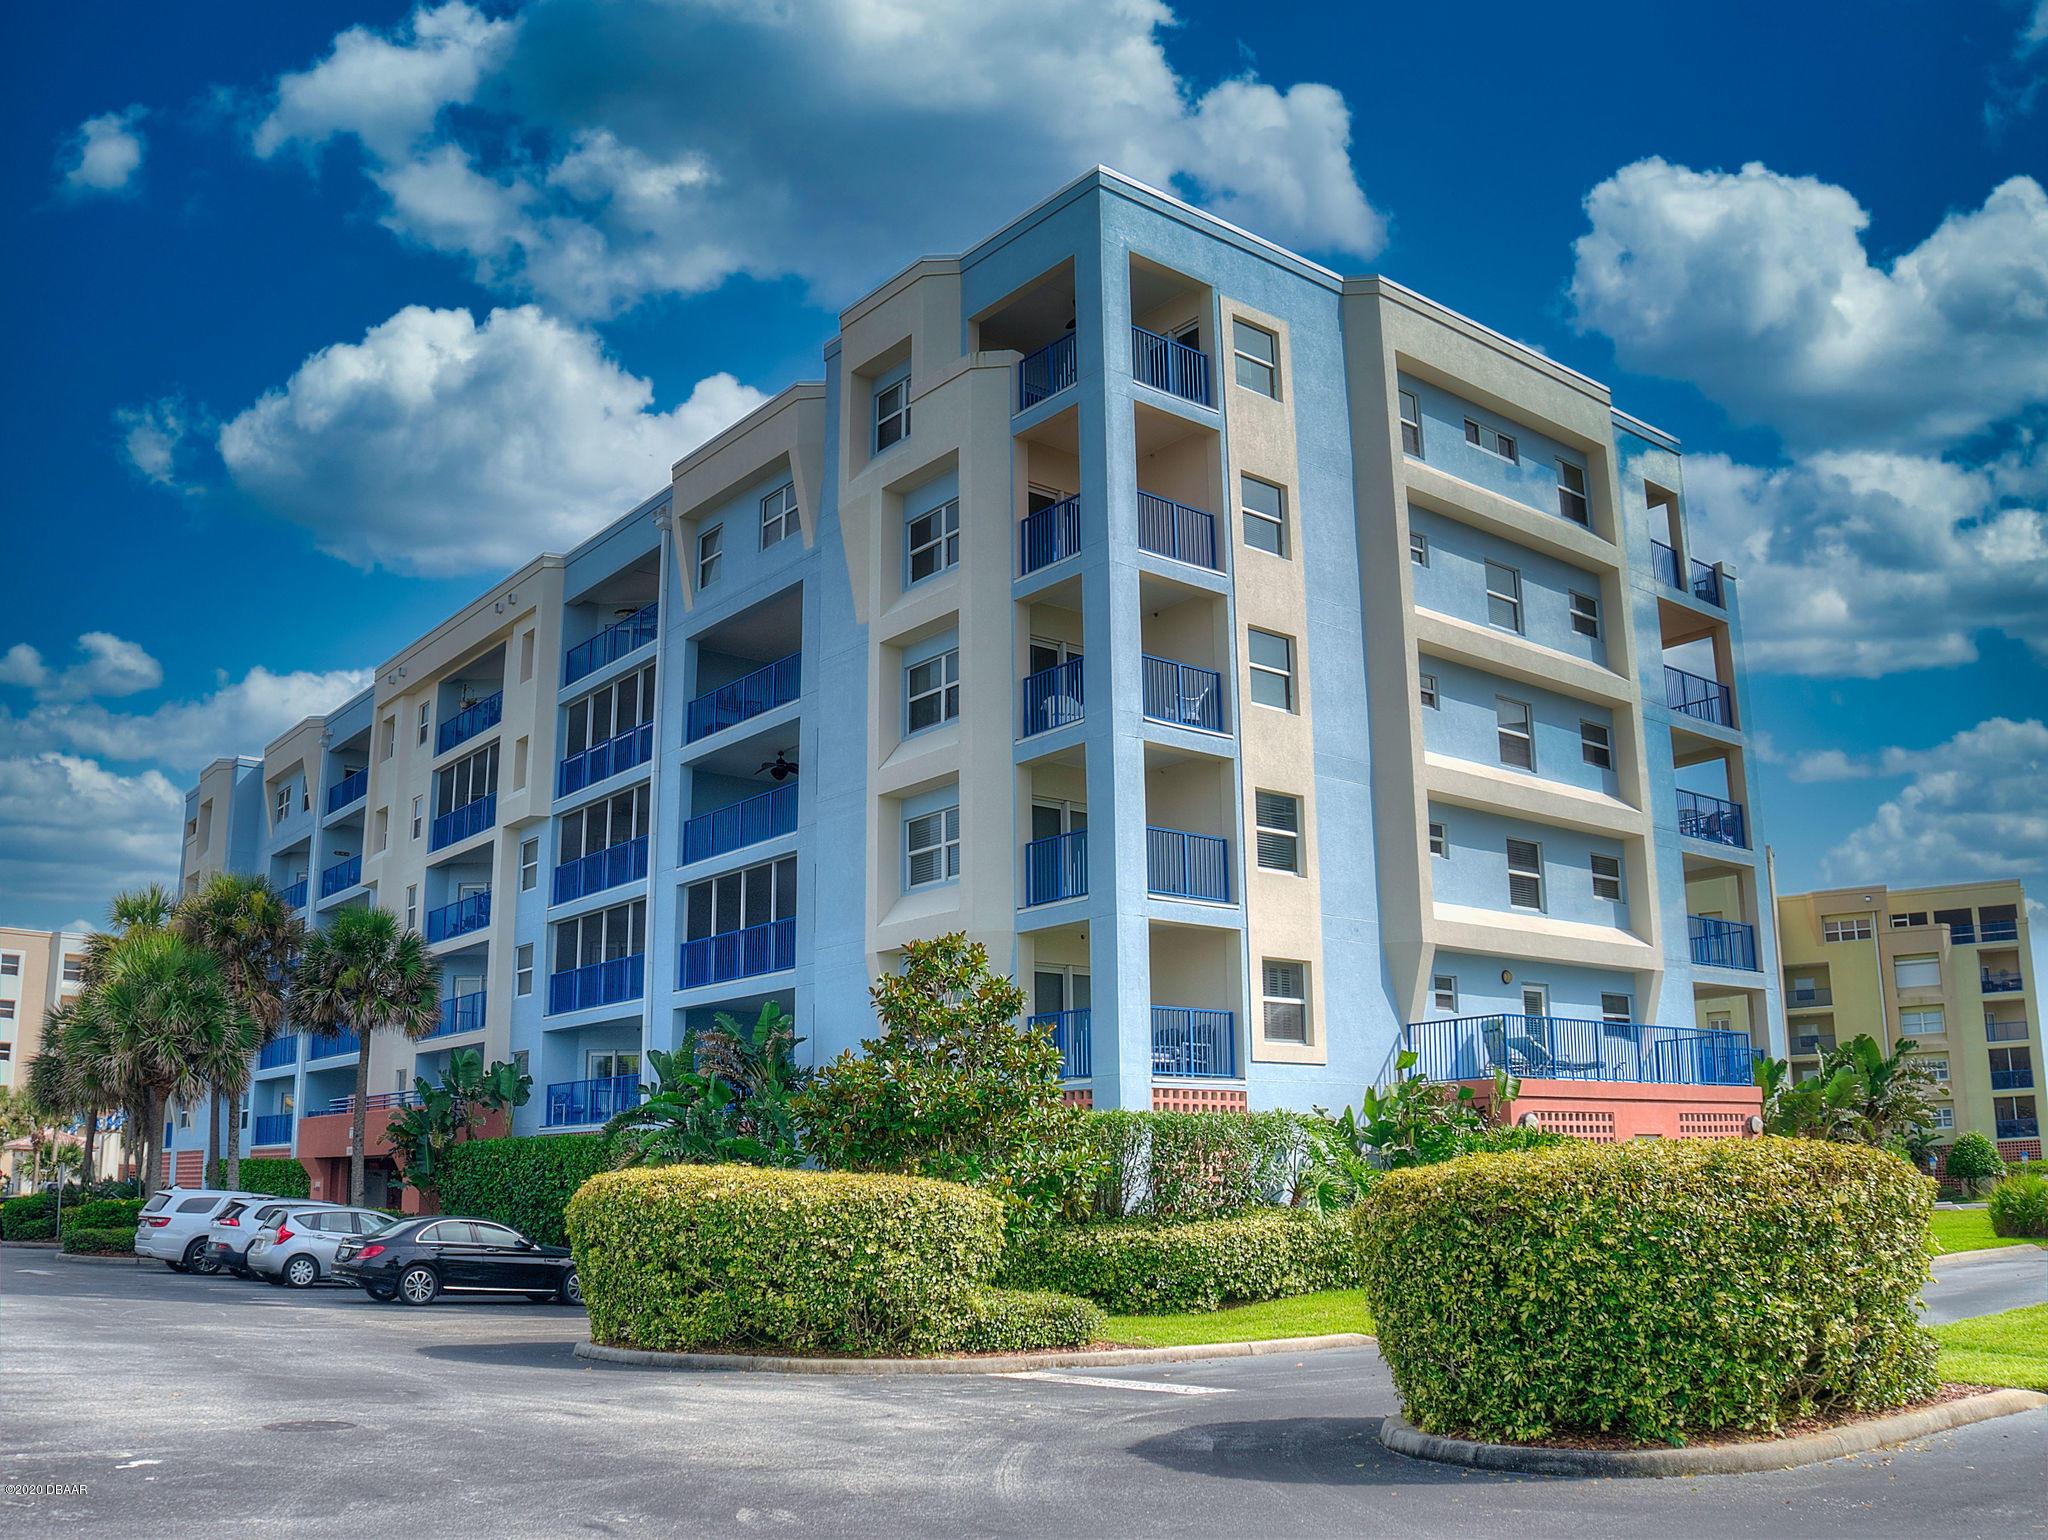 Details for 5300 Atlantic Avenue 2203, New Smyrna Beach, FL 32169